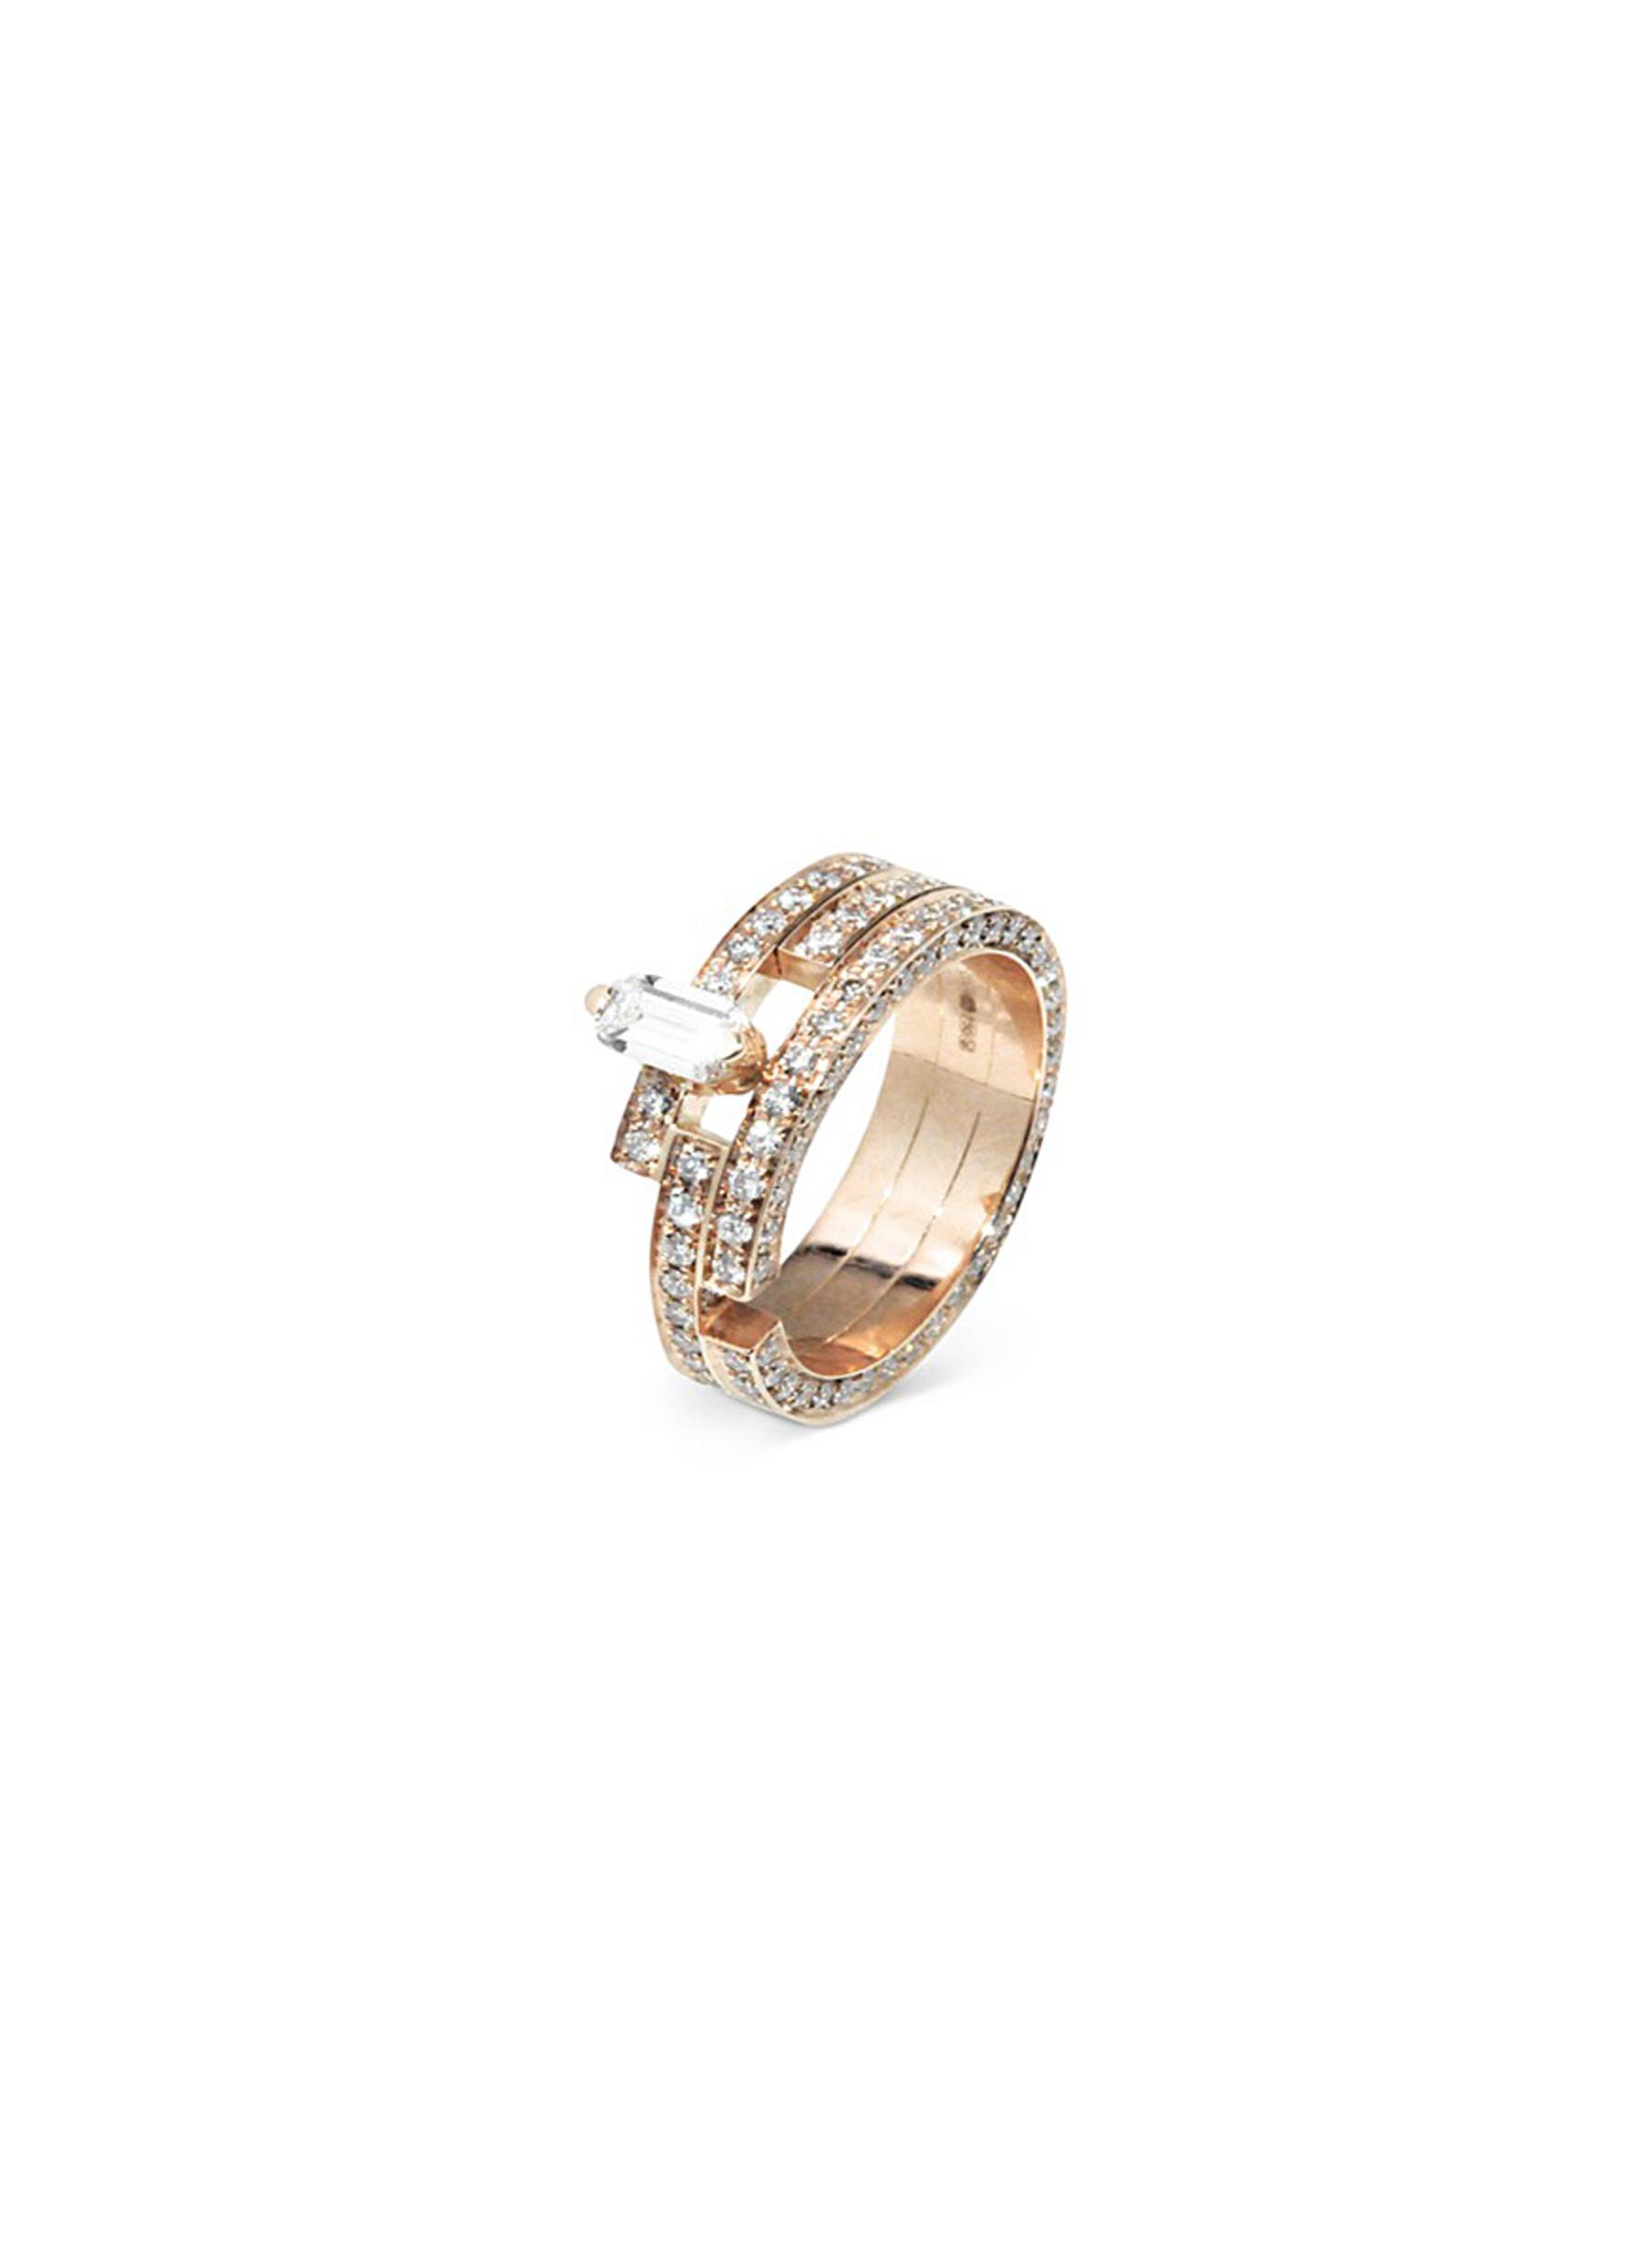 'Disruptive' pavé diamond 18k rose gold three tier ring